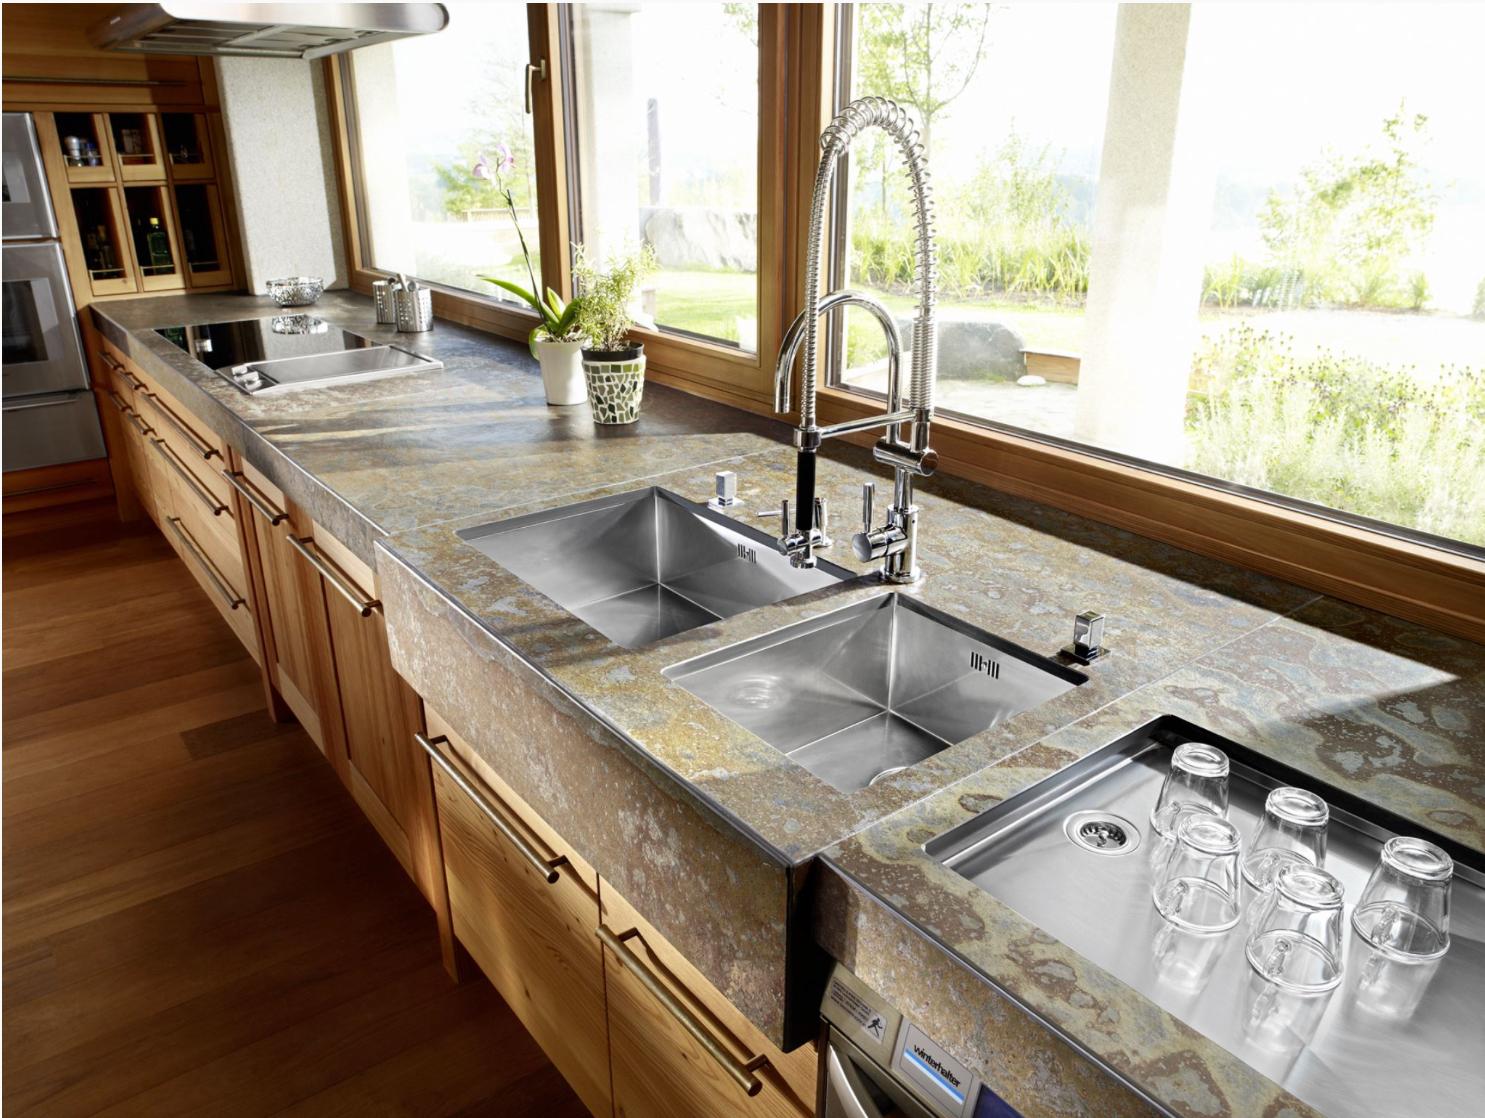 Arbeitsplatte und Küchenplatten aus Schiefer